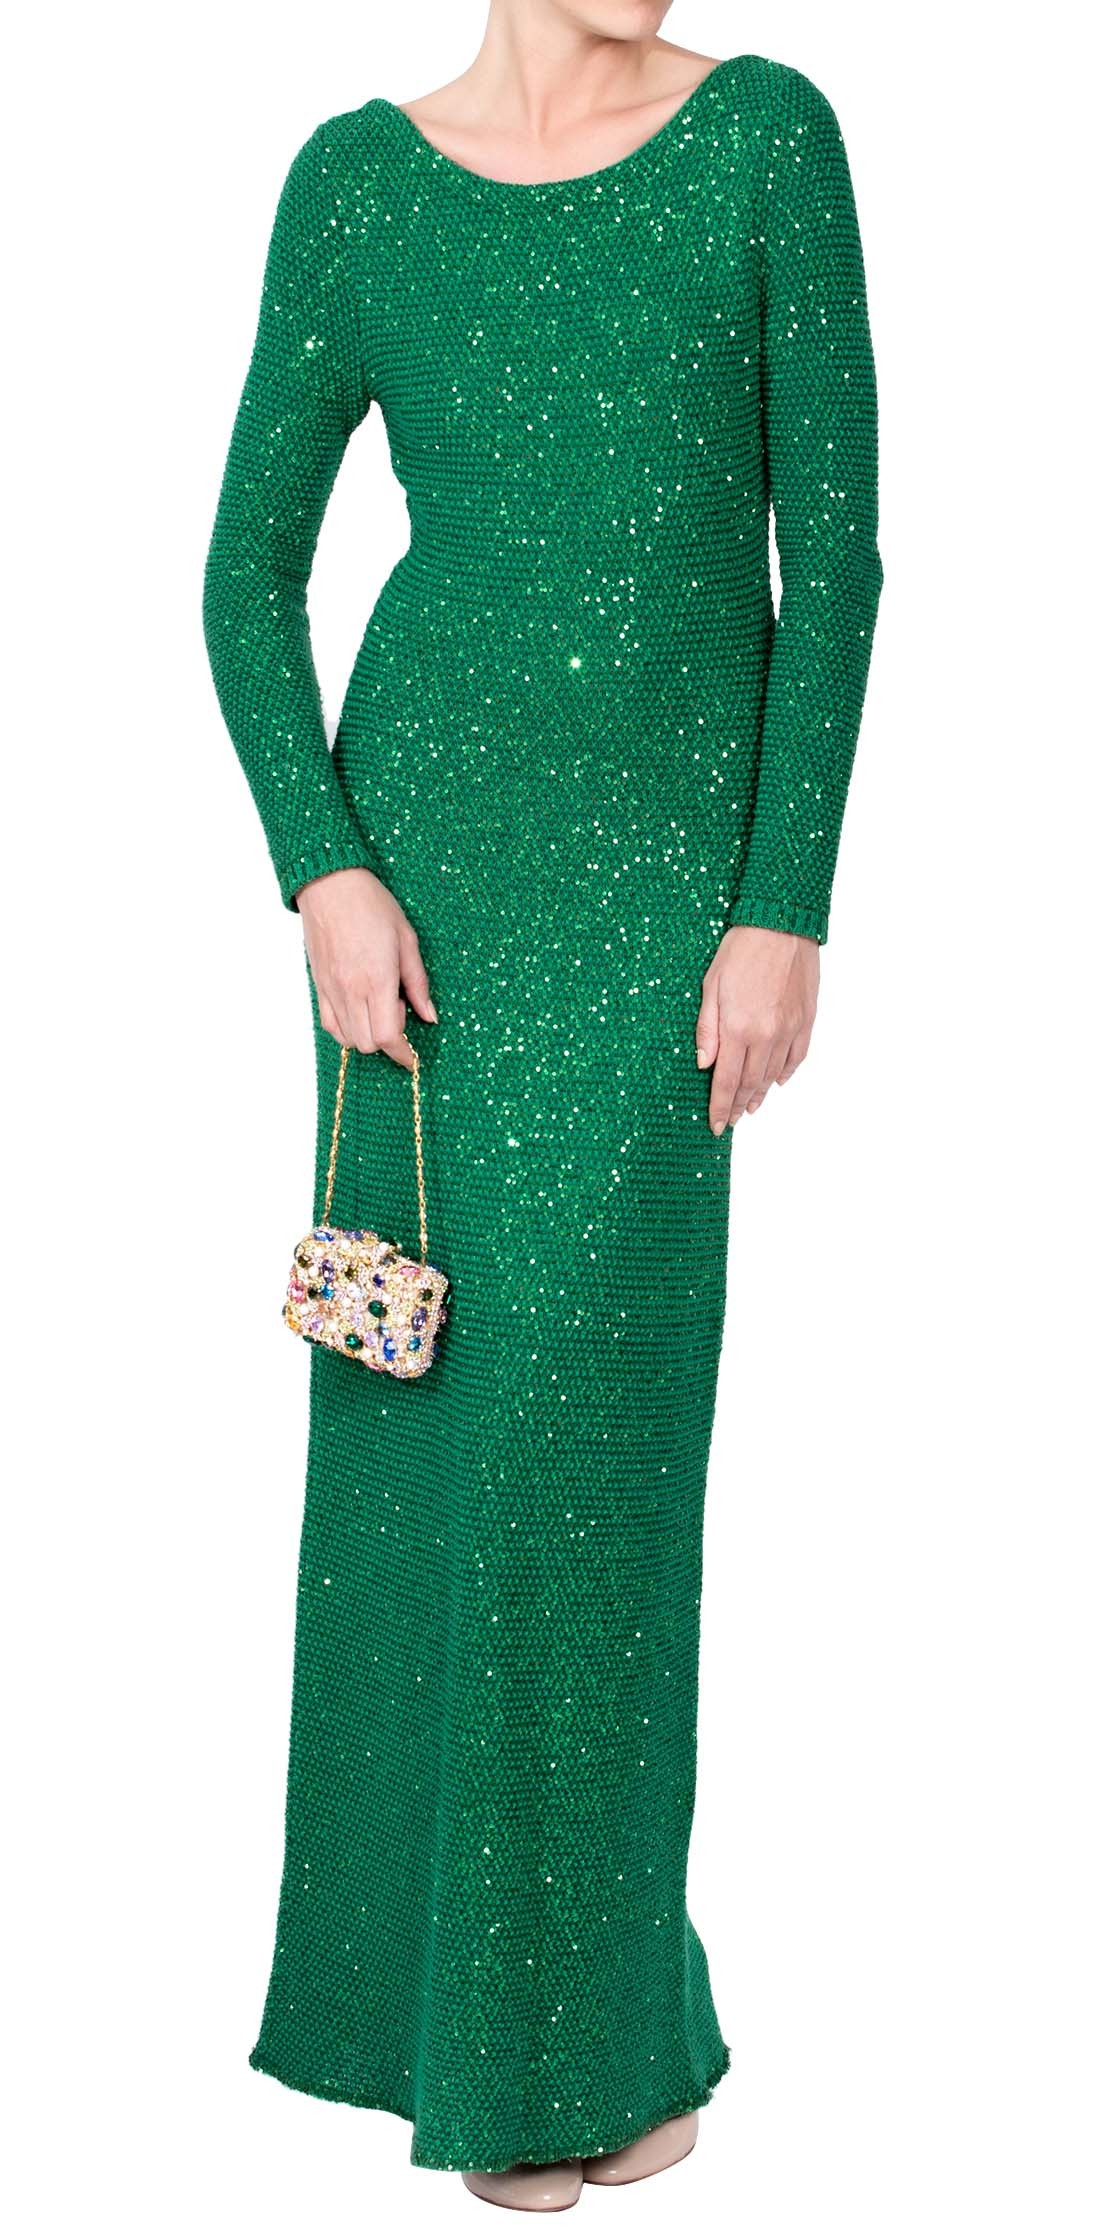 Oscar De la Renta Long Sleeve Knitted Dress